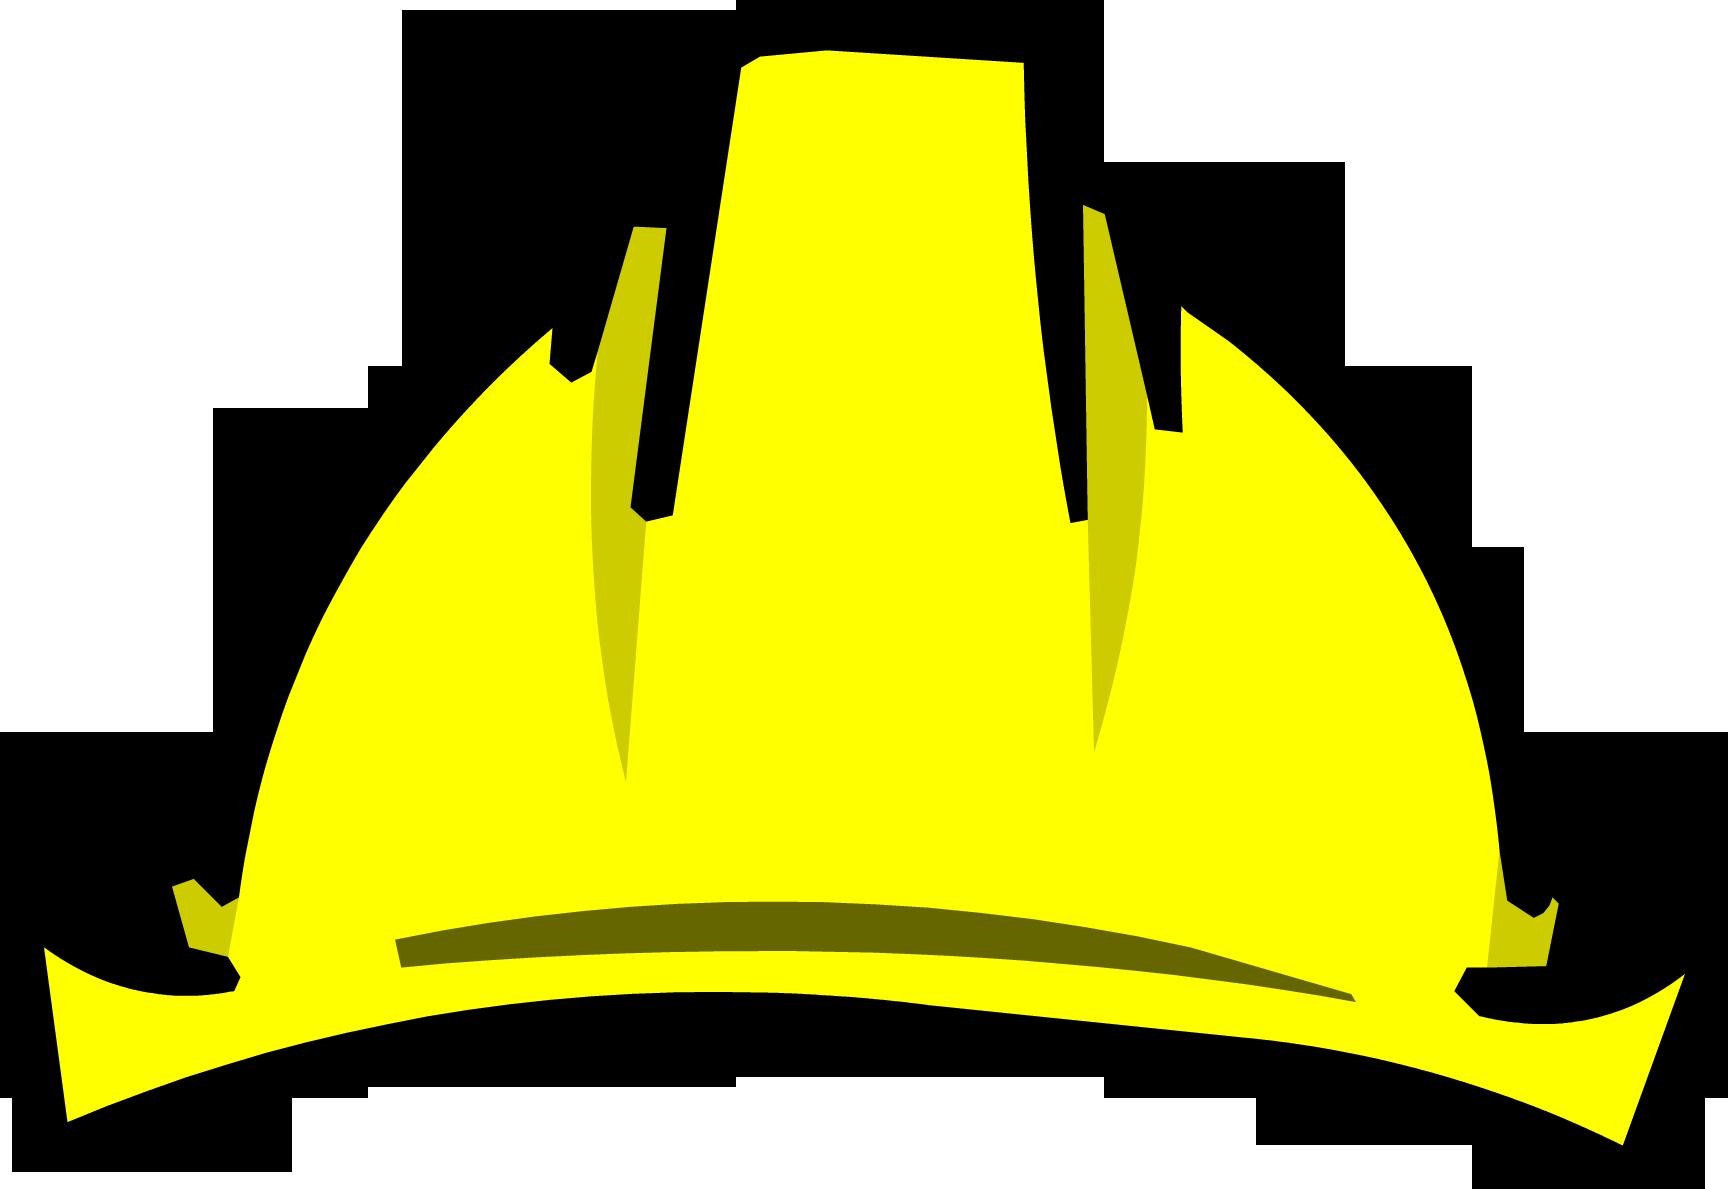 helmet clipart builder